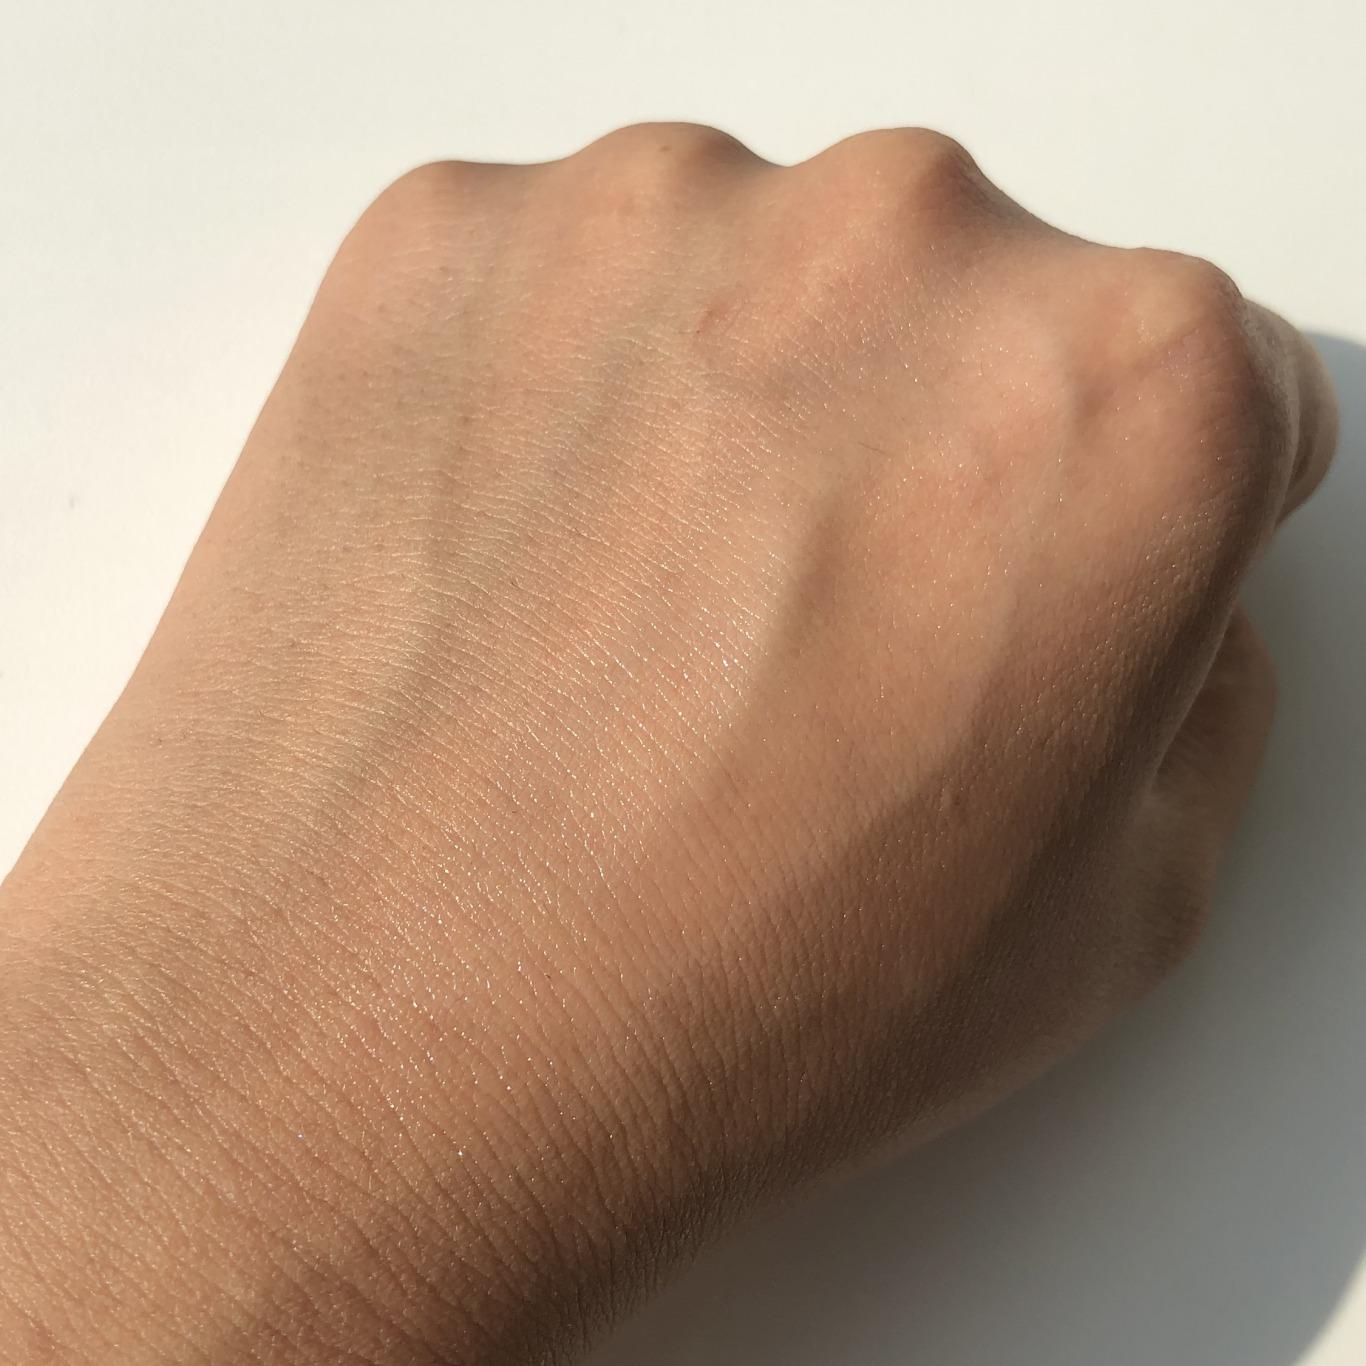 使い続けて美肌効果も!ミネラルコスメの魅力とは。の画像